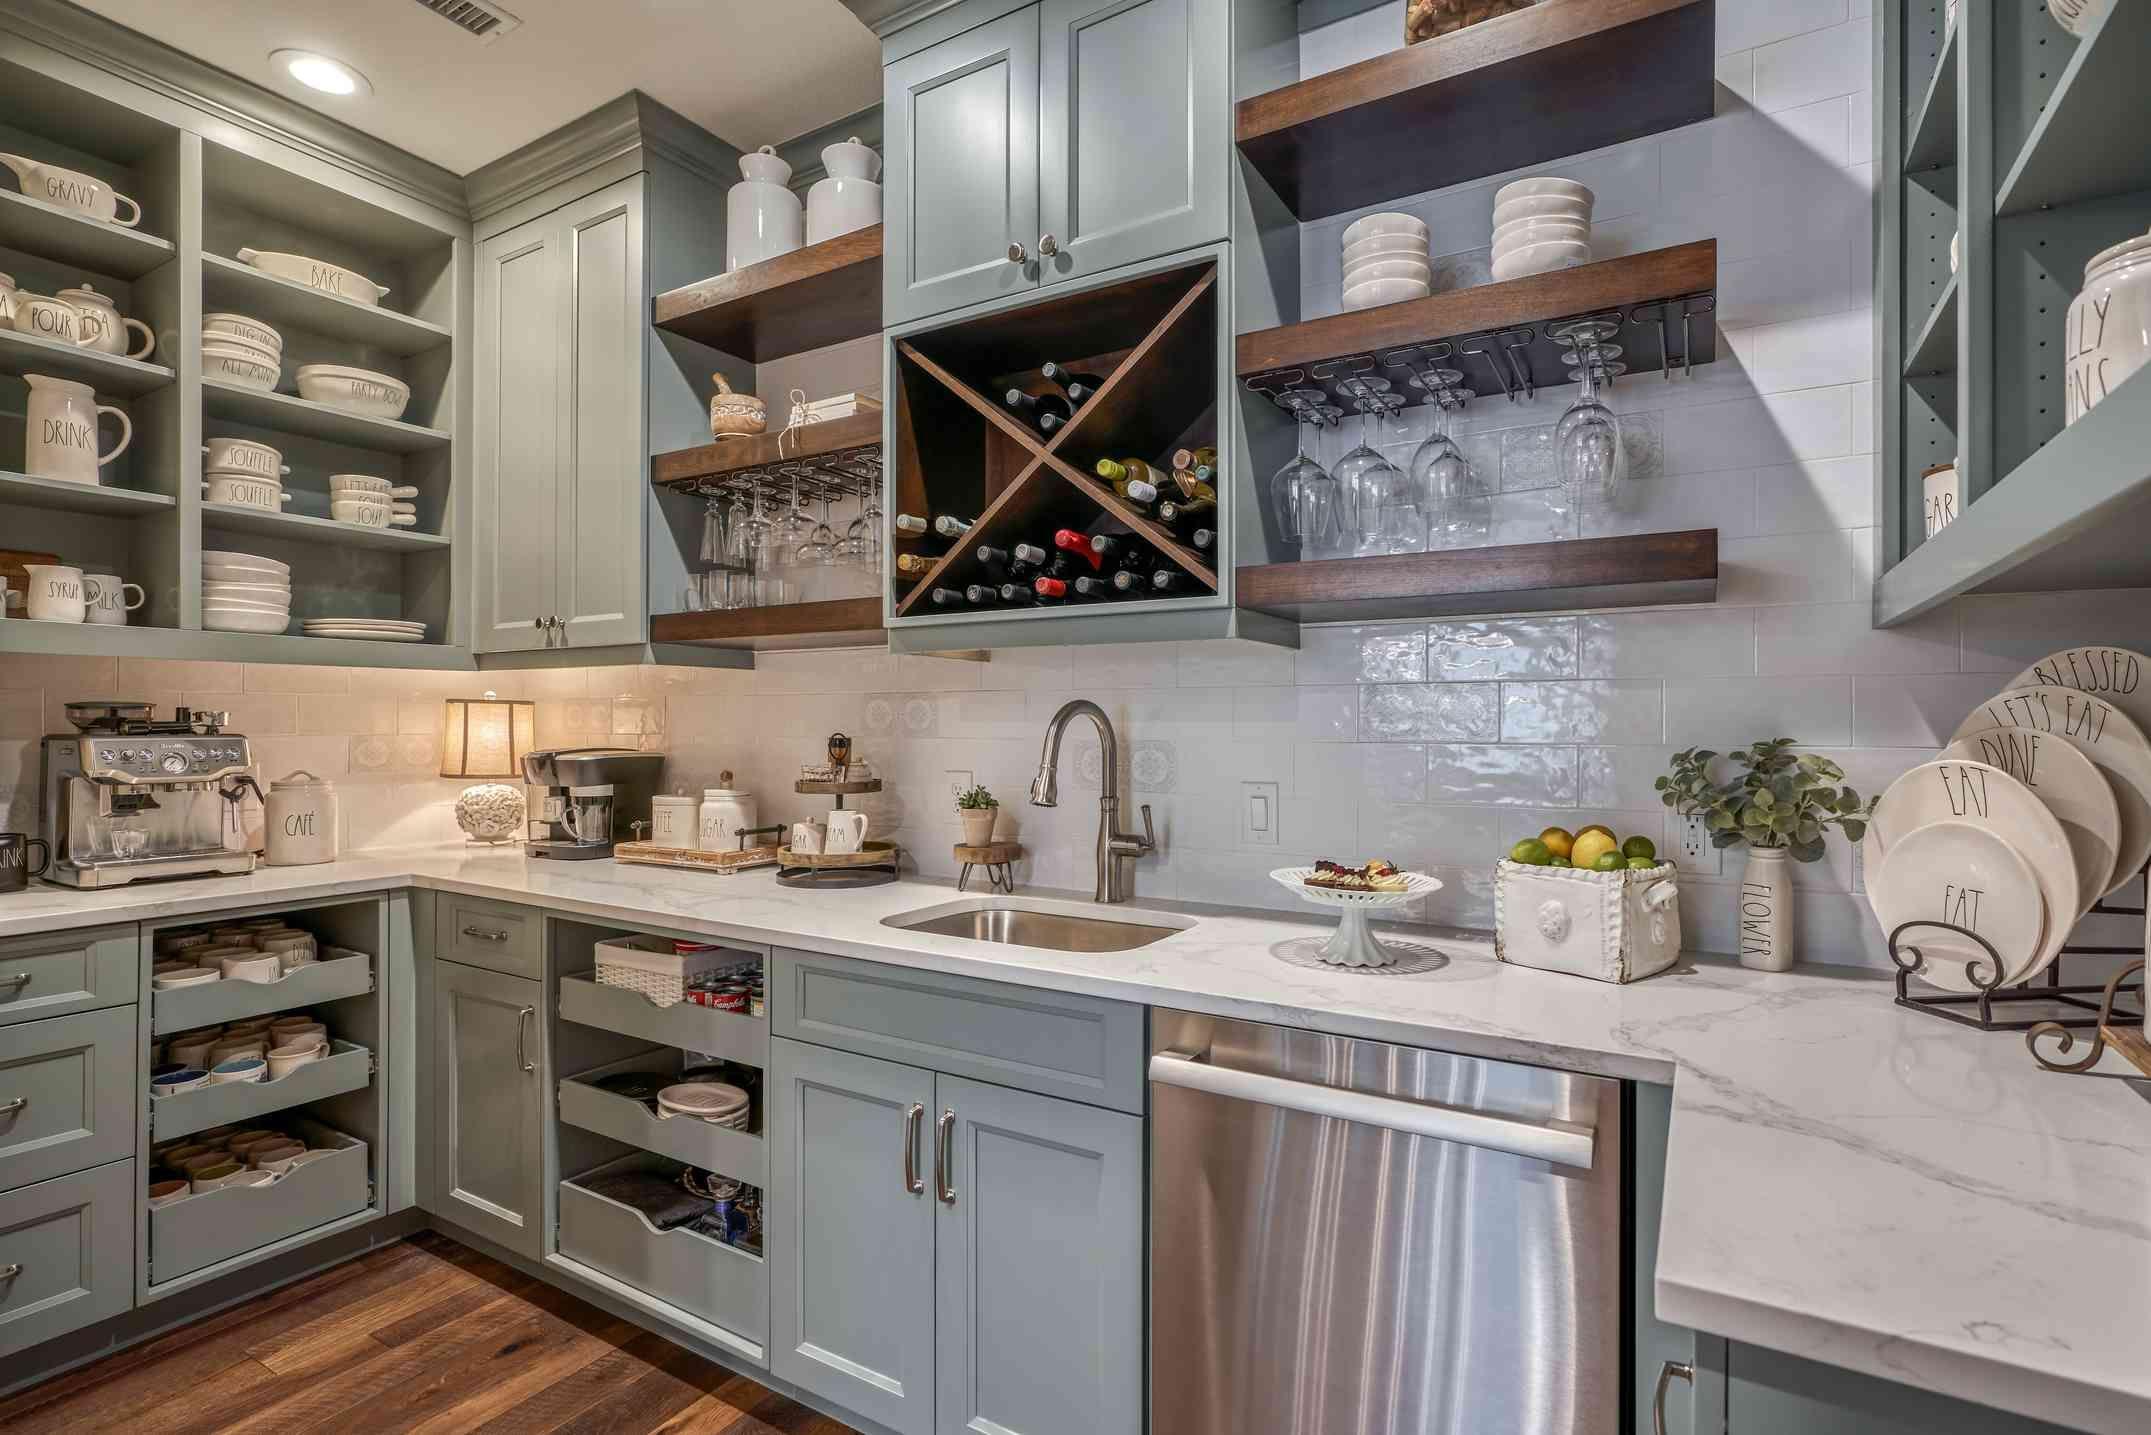 11 Kitchen Design Trends In 2021 Kitchen Design Latest Kitchen Designs Kitchen Cabinet Trends New kitchen design trends